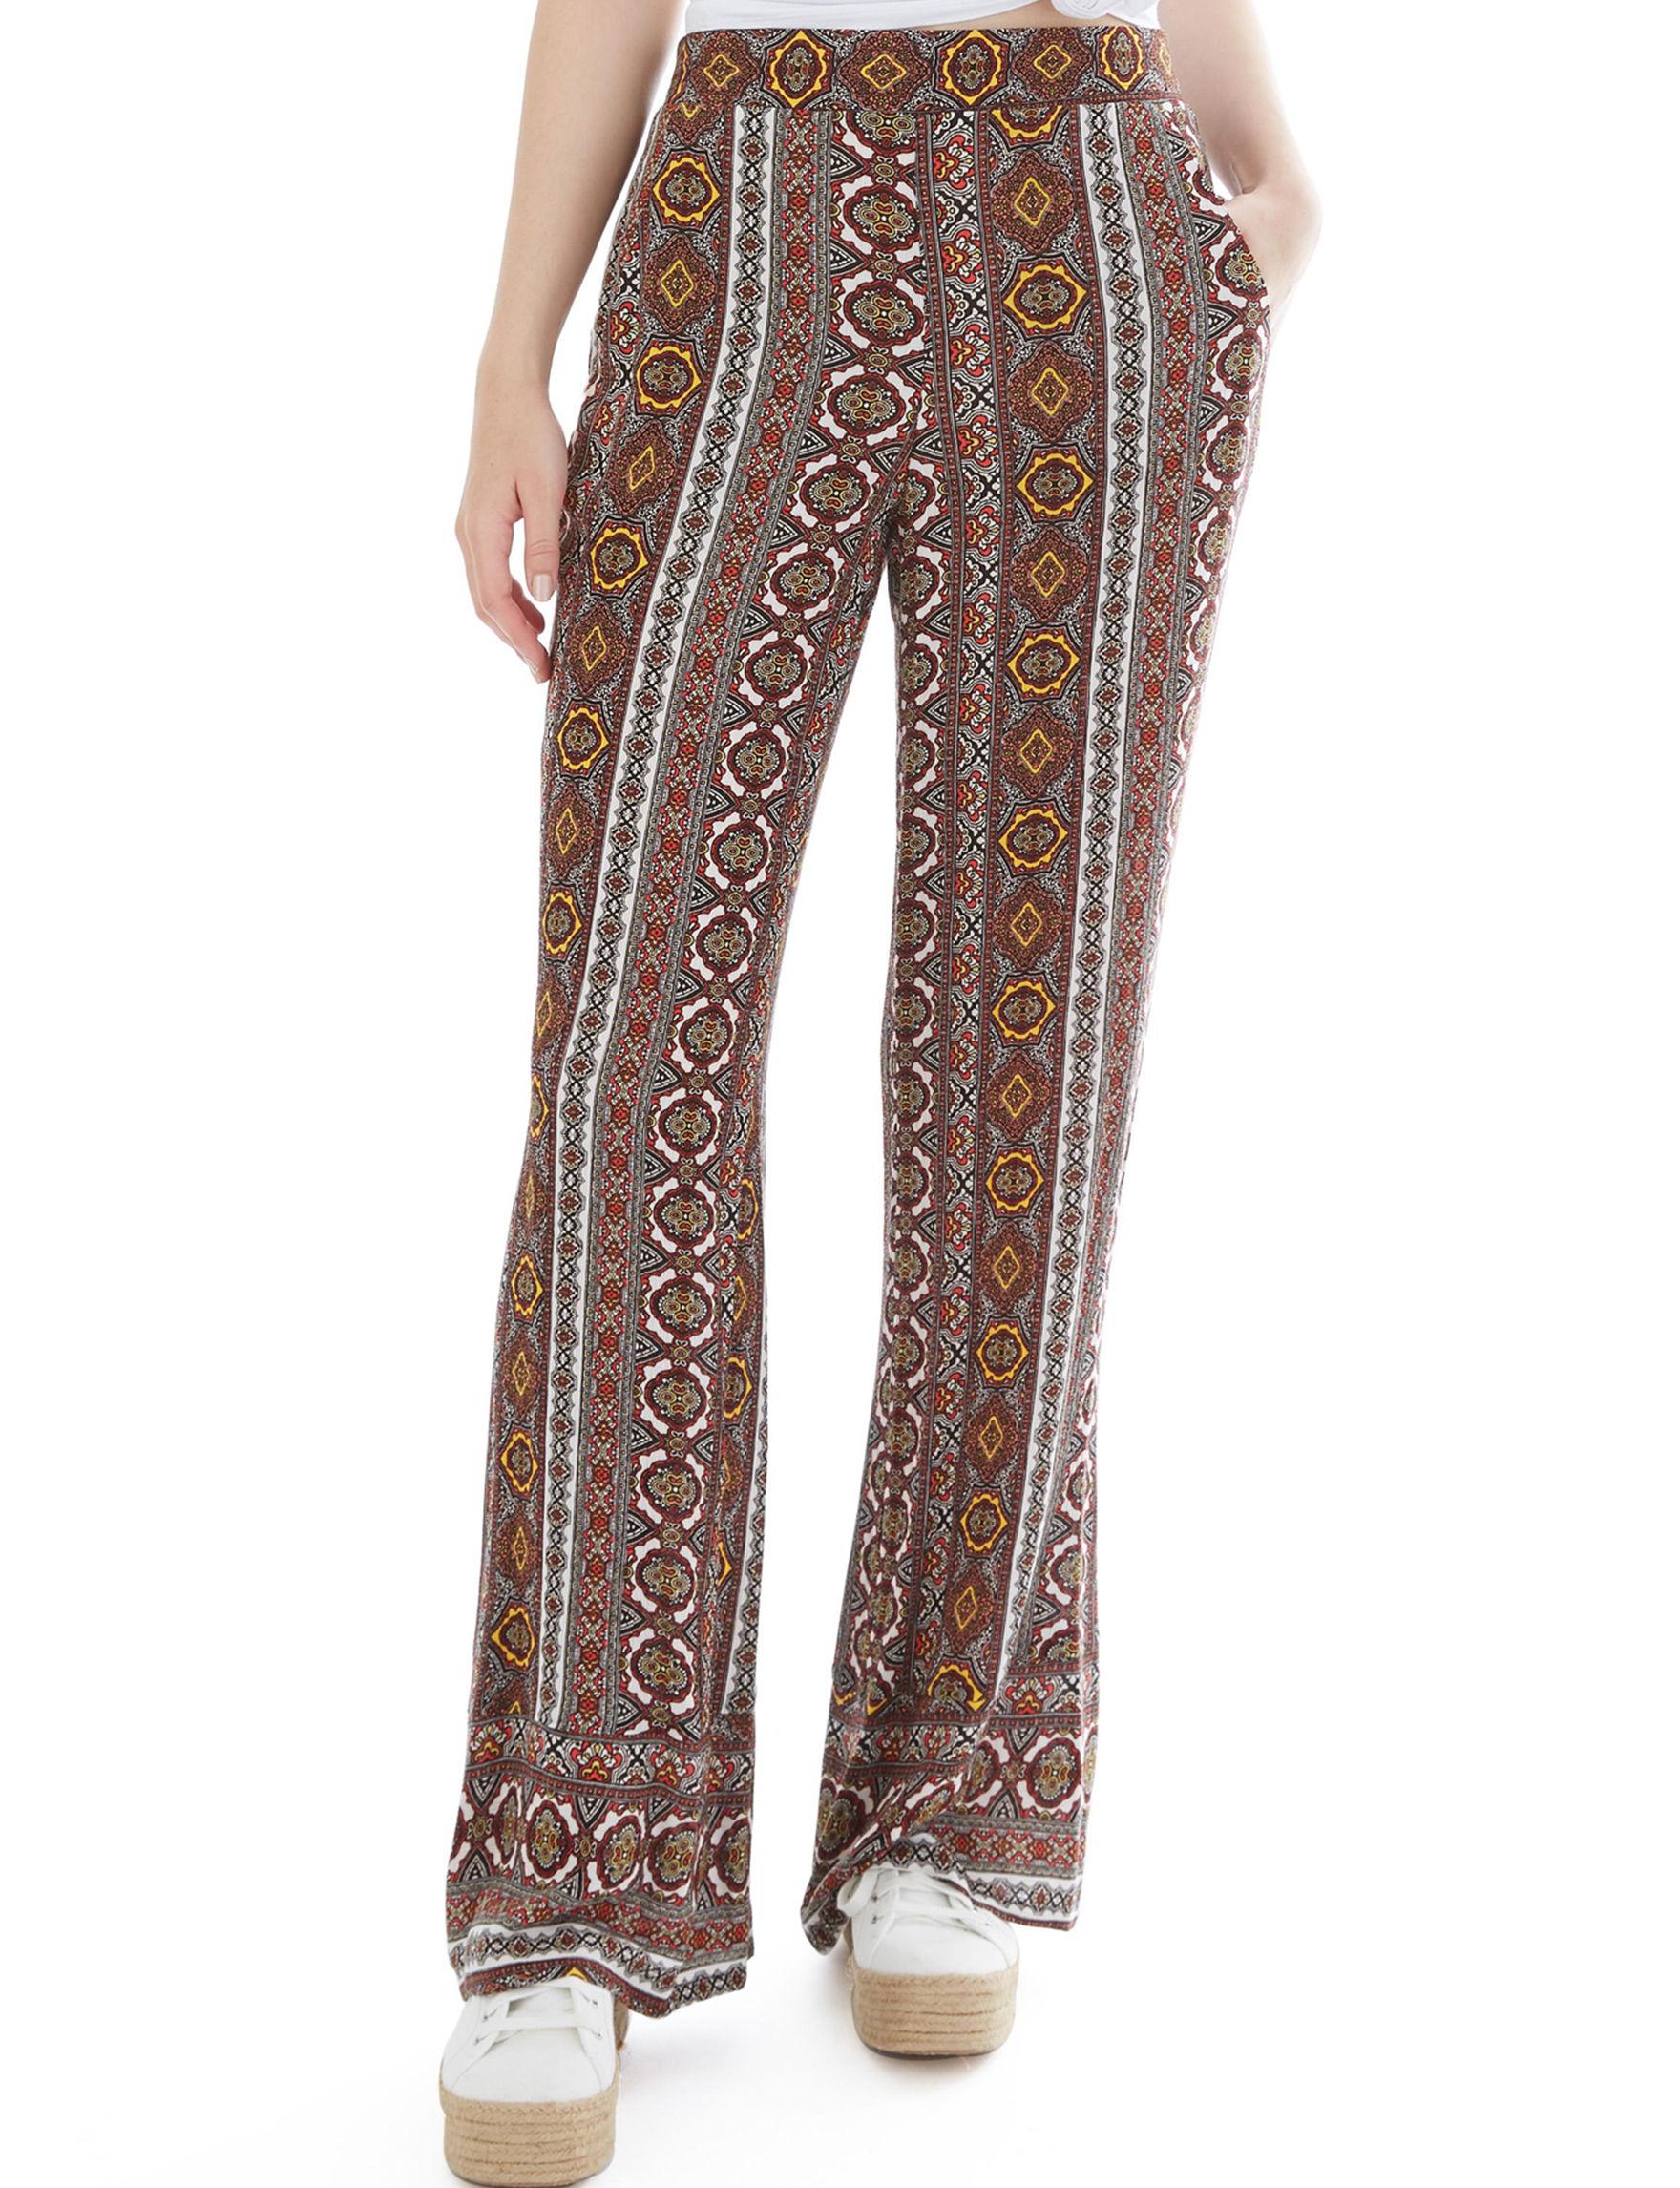 A. Byer Brown / Multi Soft Pants